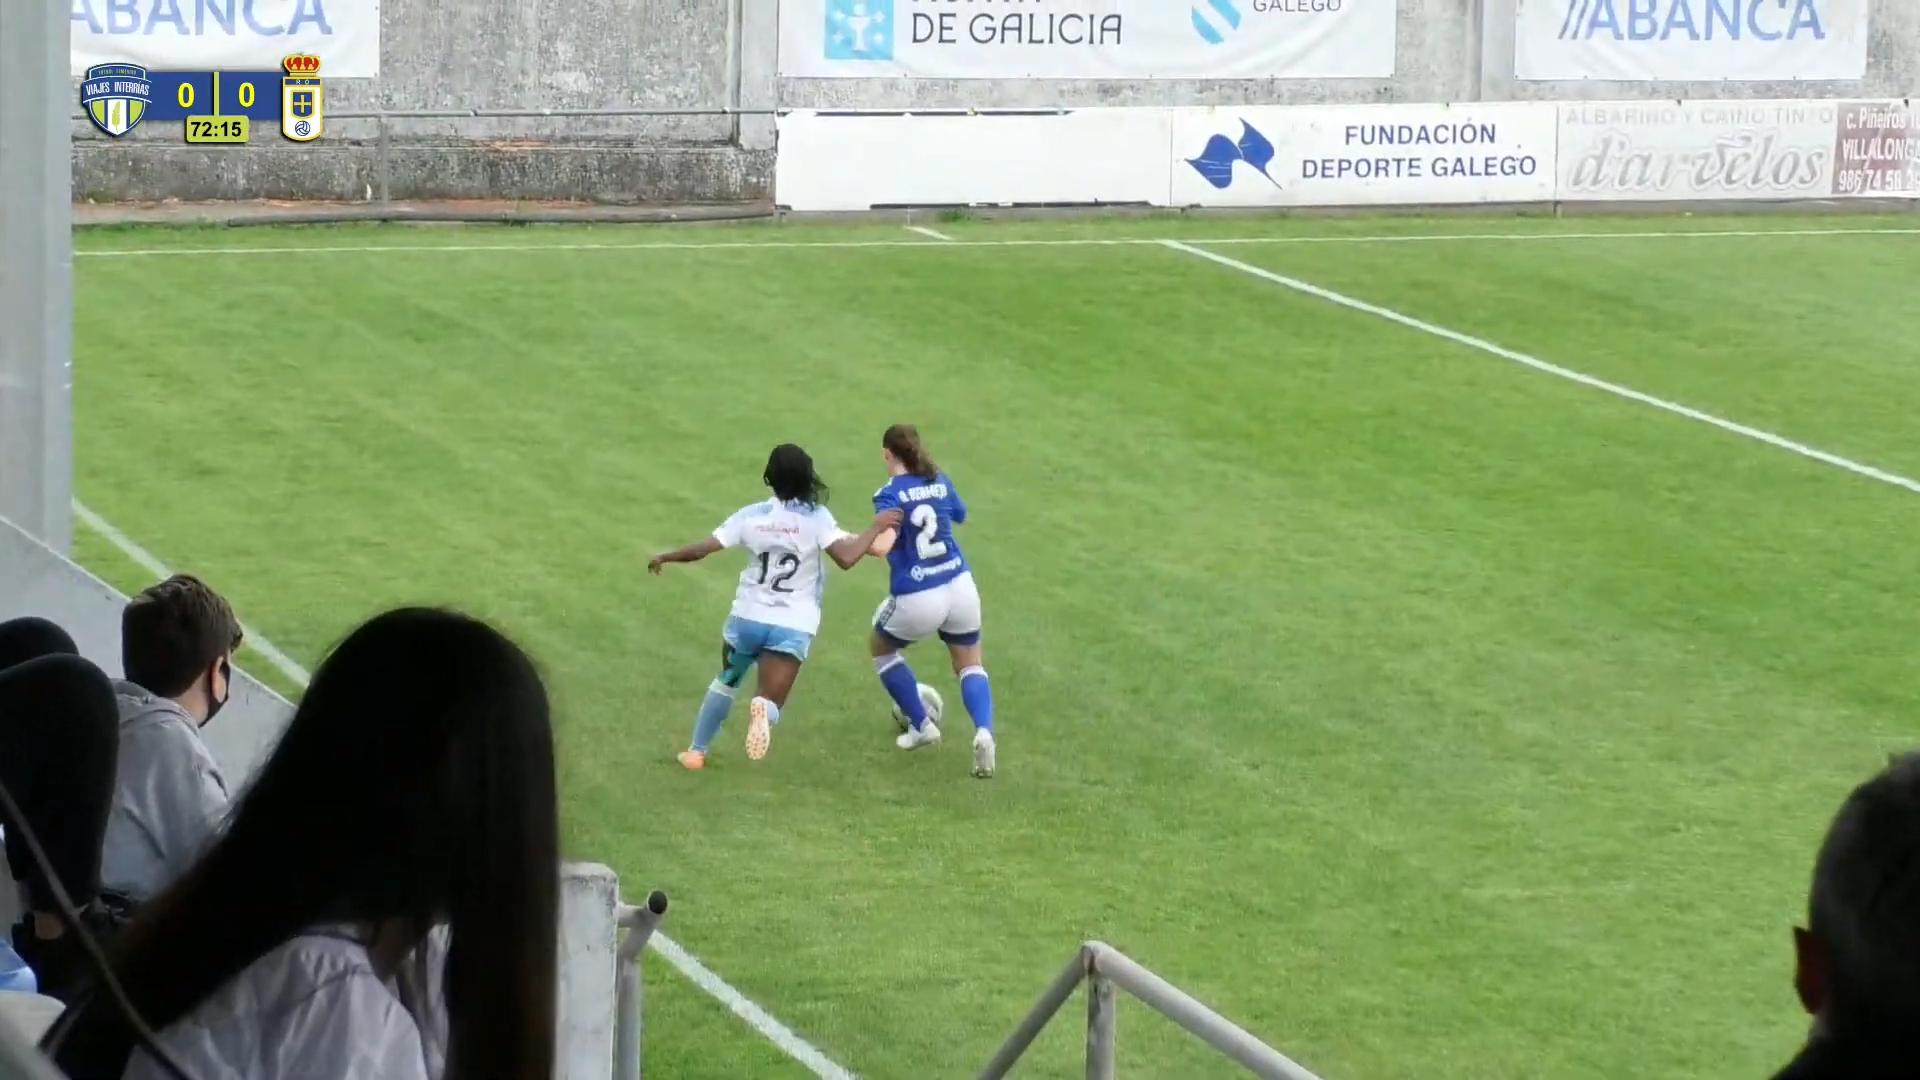 Viajes InterRías F.F. vs. Real Oviedo Femenino B / VIAJES INTERRÍAS YT